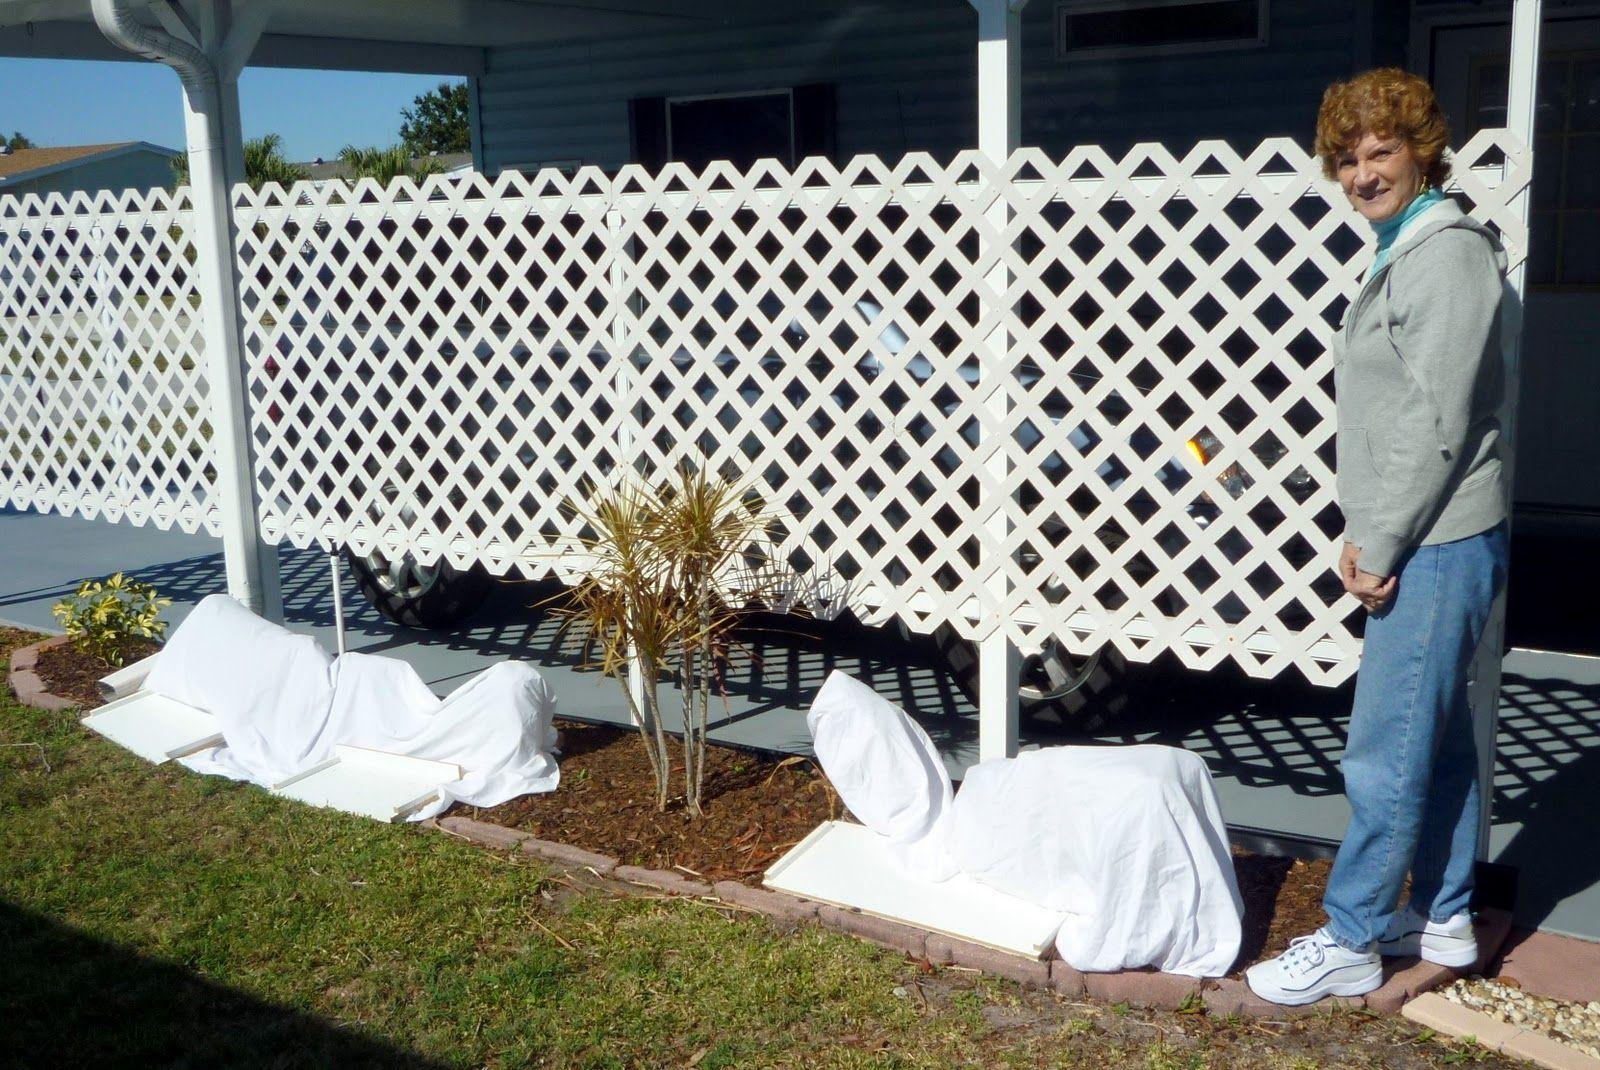 Lattice fence carport wall to hide neighbors carport a for Carport fence ideas